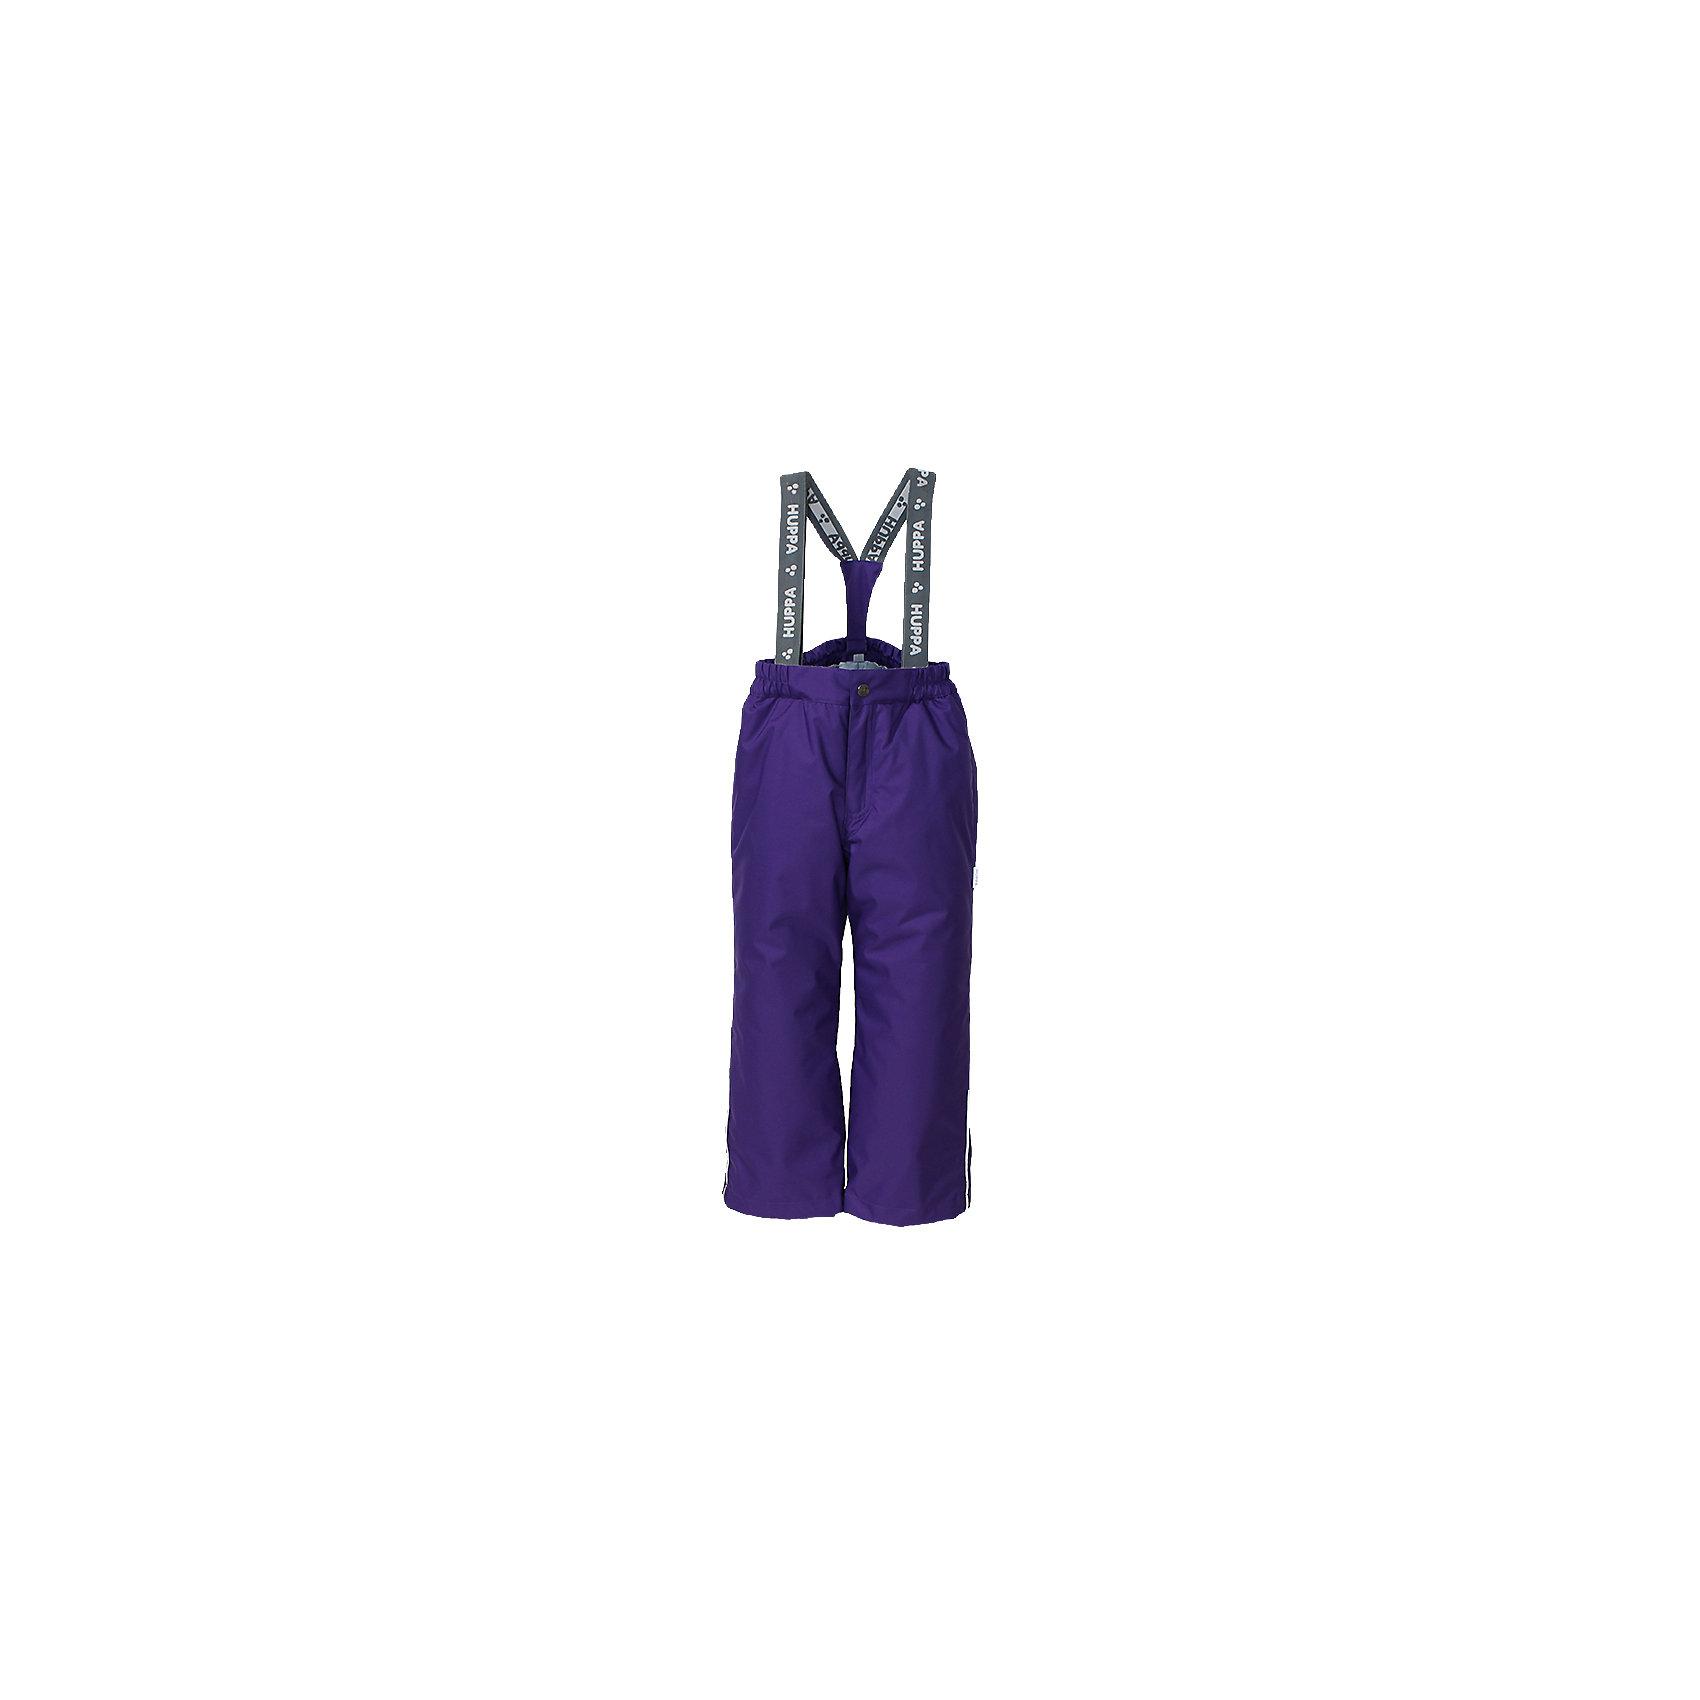 Брюки    HuppaВерхняя одежда<br>Утепленные брюки FREJA Huppa(Хуппа).<br><br>Утеплитель: 100% полиэстер, 160 гр.<br><br>Температурный режим: до -20 градусов. Степень утепления – средняя. <br><br>* Температурный режим указан приблизительно — необходимо, прежде всего, ориентироваться на ощущения ребенка. Температурный режим работает в случае соблюдения правила многослойности – использования флисовой поддевы и термобелья.<br><br>Не пропускают влагу и ветер, благодаря мембране, расположенный с изнанки. Легкий утеплитель HuppaTherm легко стирать, он быстро возвращает форму после стирки и легко сохнет. Брюки хорошо держатся на теле благодаря резинке на поясе и регулируемым подтяжкам с липучками; их легко надевать и застегивать с помощью кнопки и молнии. Отлично подойдут для зимних прогулок!<br><br>Особенности:<br>-прочная ткань<br>-двойные манжеты<br>-брюки не сковывают движений<br>-светоотражающие элементы<br>-шаговый шов проклеен<br><br>Дополнительная информация:<br>Материал: 100% полиэстер<br>Подкладка: тафта - 100% полиэстер<br>Цвет: лиловый<br><br>Вы можете приобрести брюки FREJA Huppa(Хуппа) в нашем интернет-магазине.<br><br>Ширина мм: 215<br>Глубина мм: 88<br>Высота мм: 191<br>Вес г: 336<br>Цвет: лиловый<br>Возраст от месяцев: 36<br>Возраст до месяцев: 48<br>Пол: Унисекс<br>Возраст: Детский<br>Размер: 104,110,116,122,128,134,140<br>SKU: 4928351